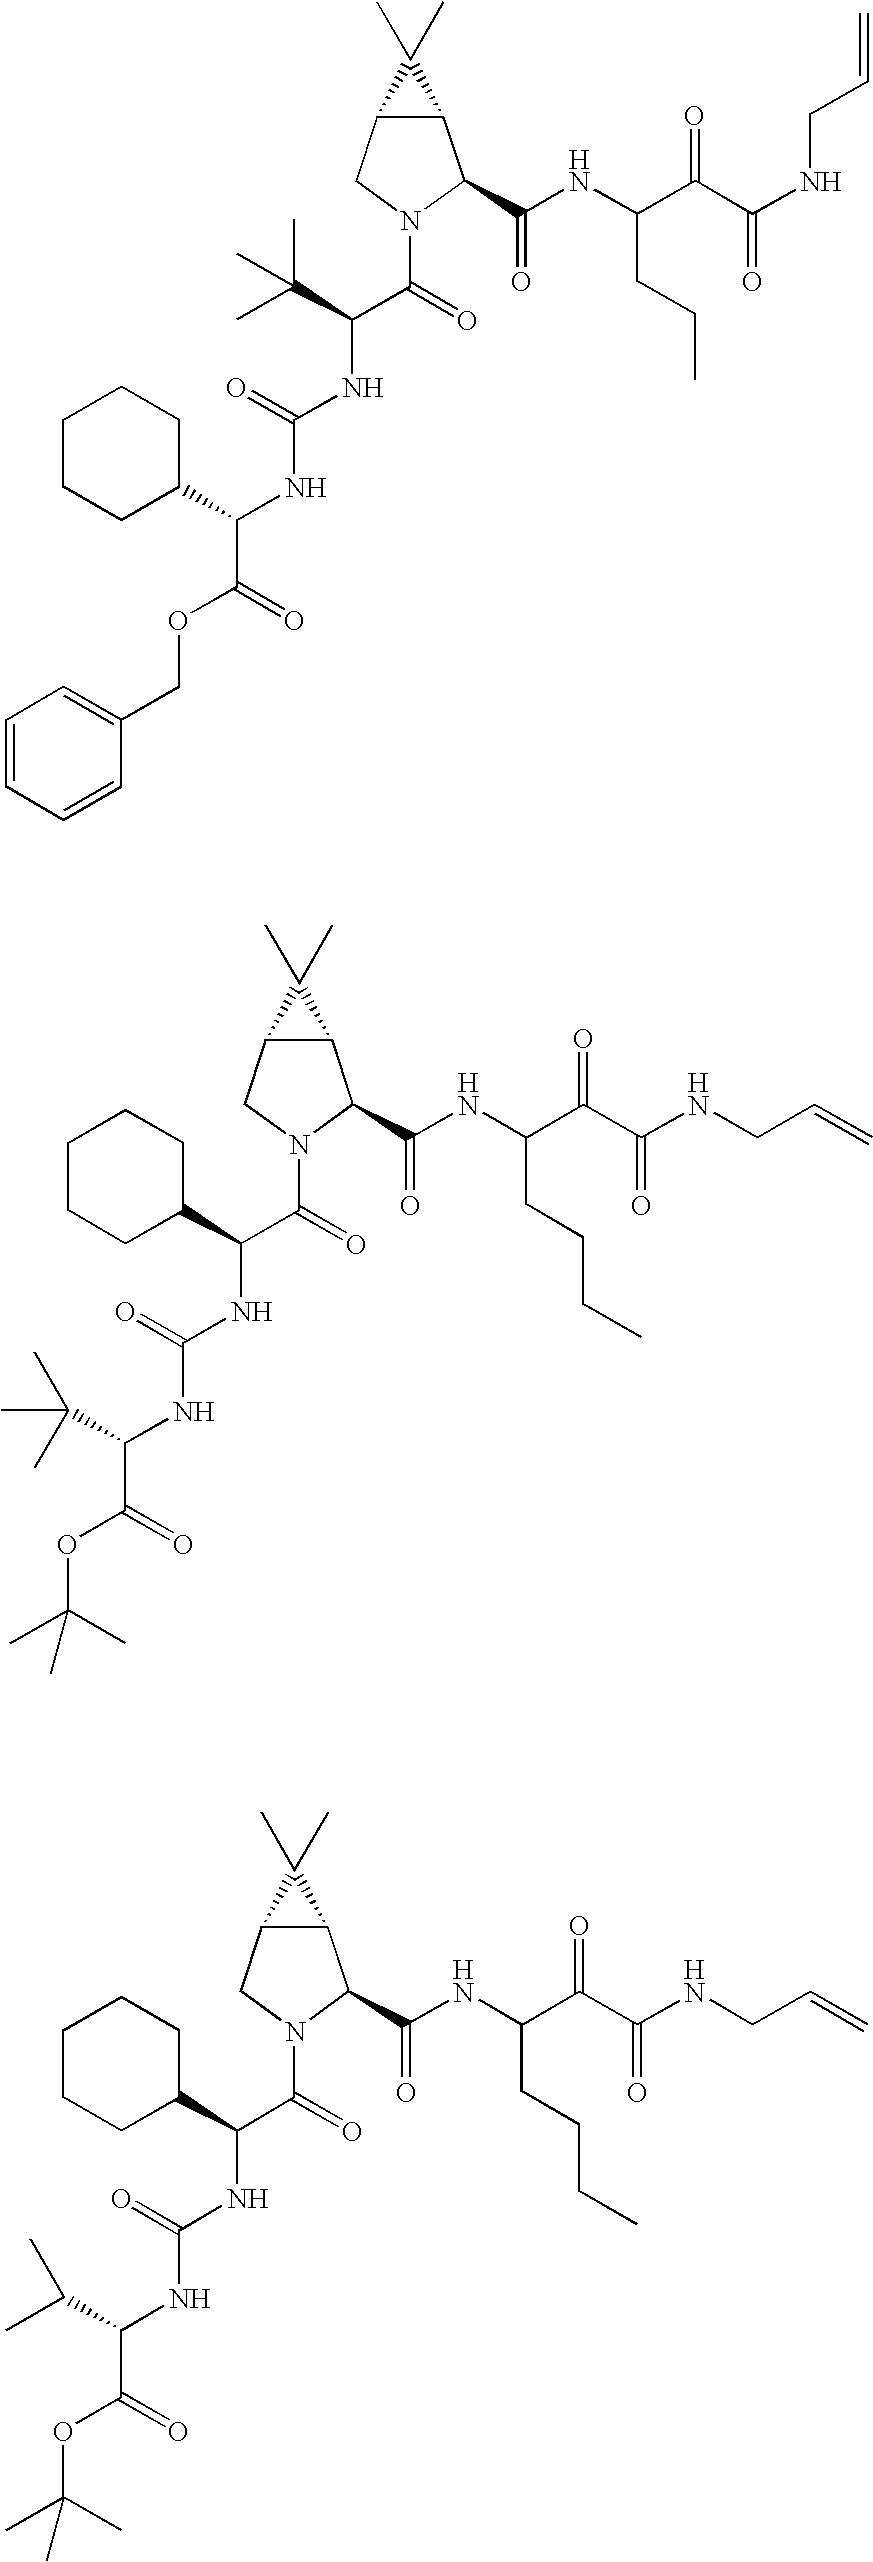 Figure US20060287248A1-20061221-C00288